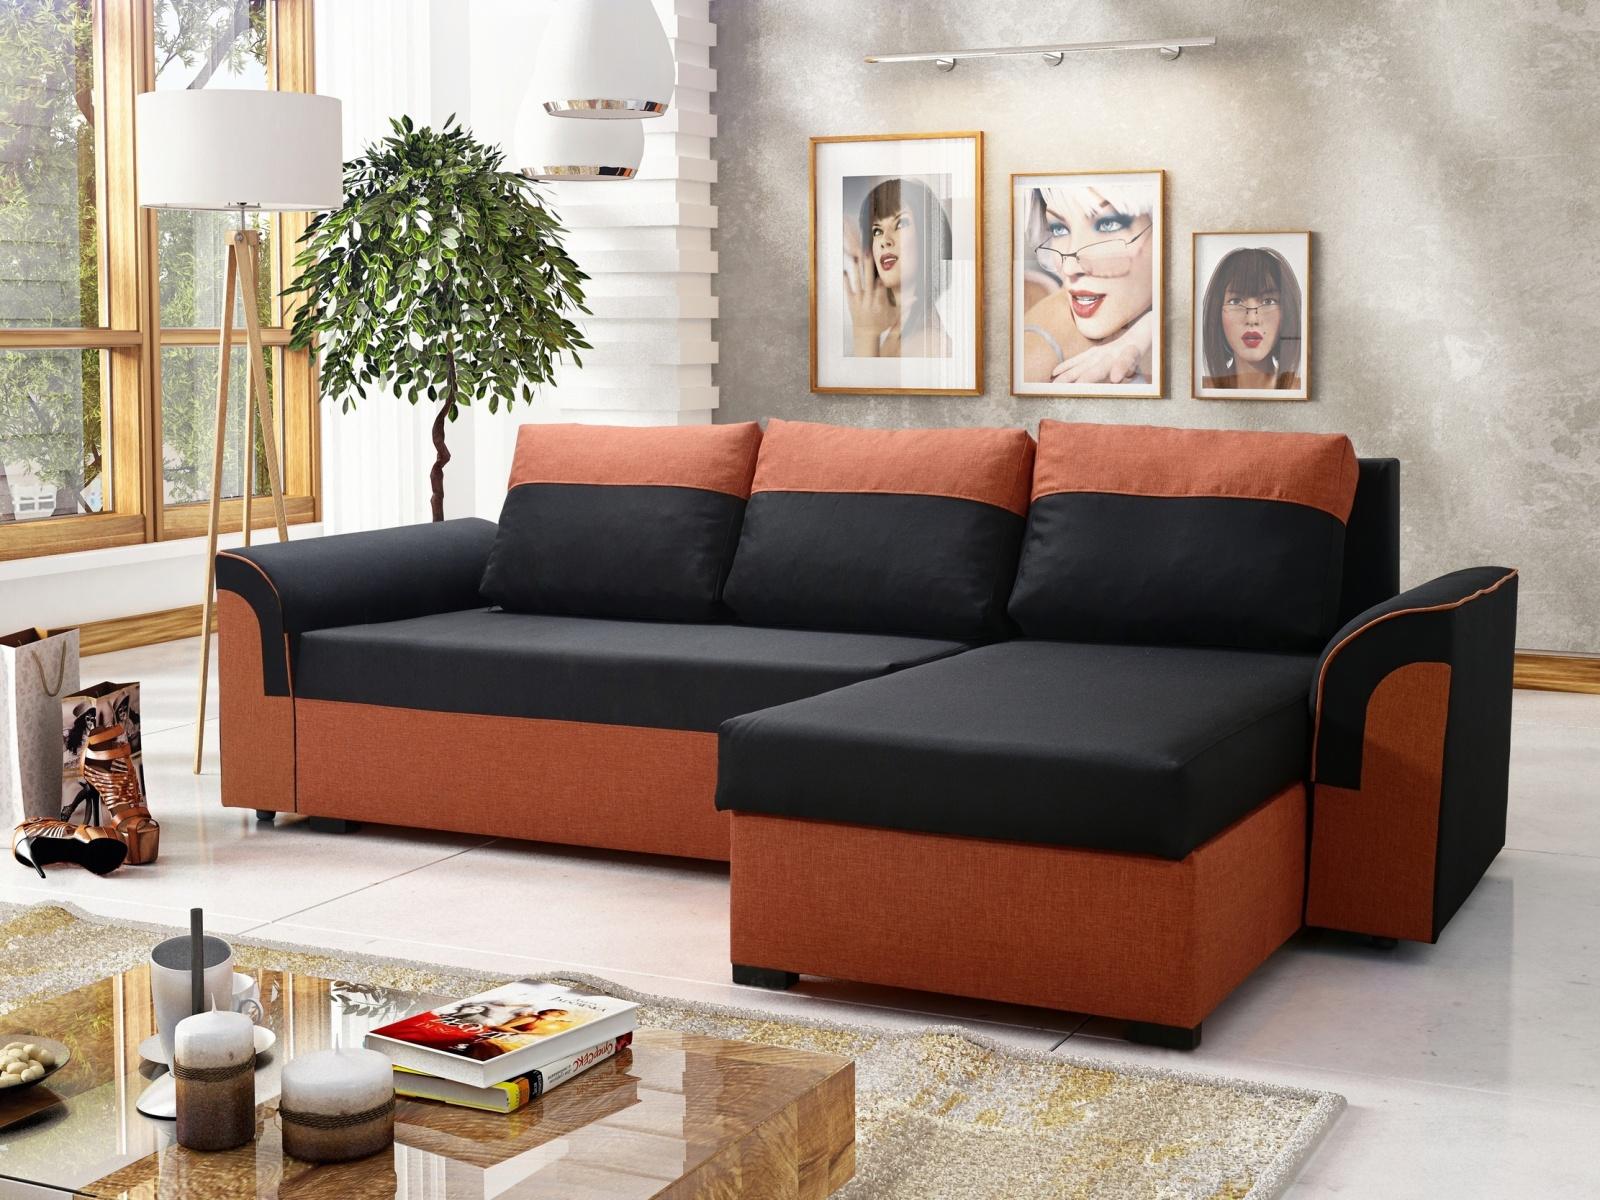 Rohová sedačka LUKA 1, černá látka/oranžová látka